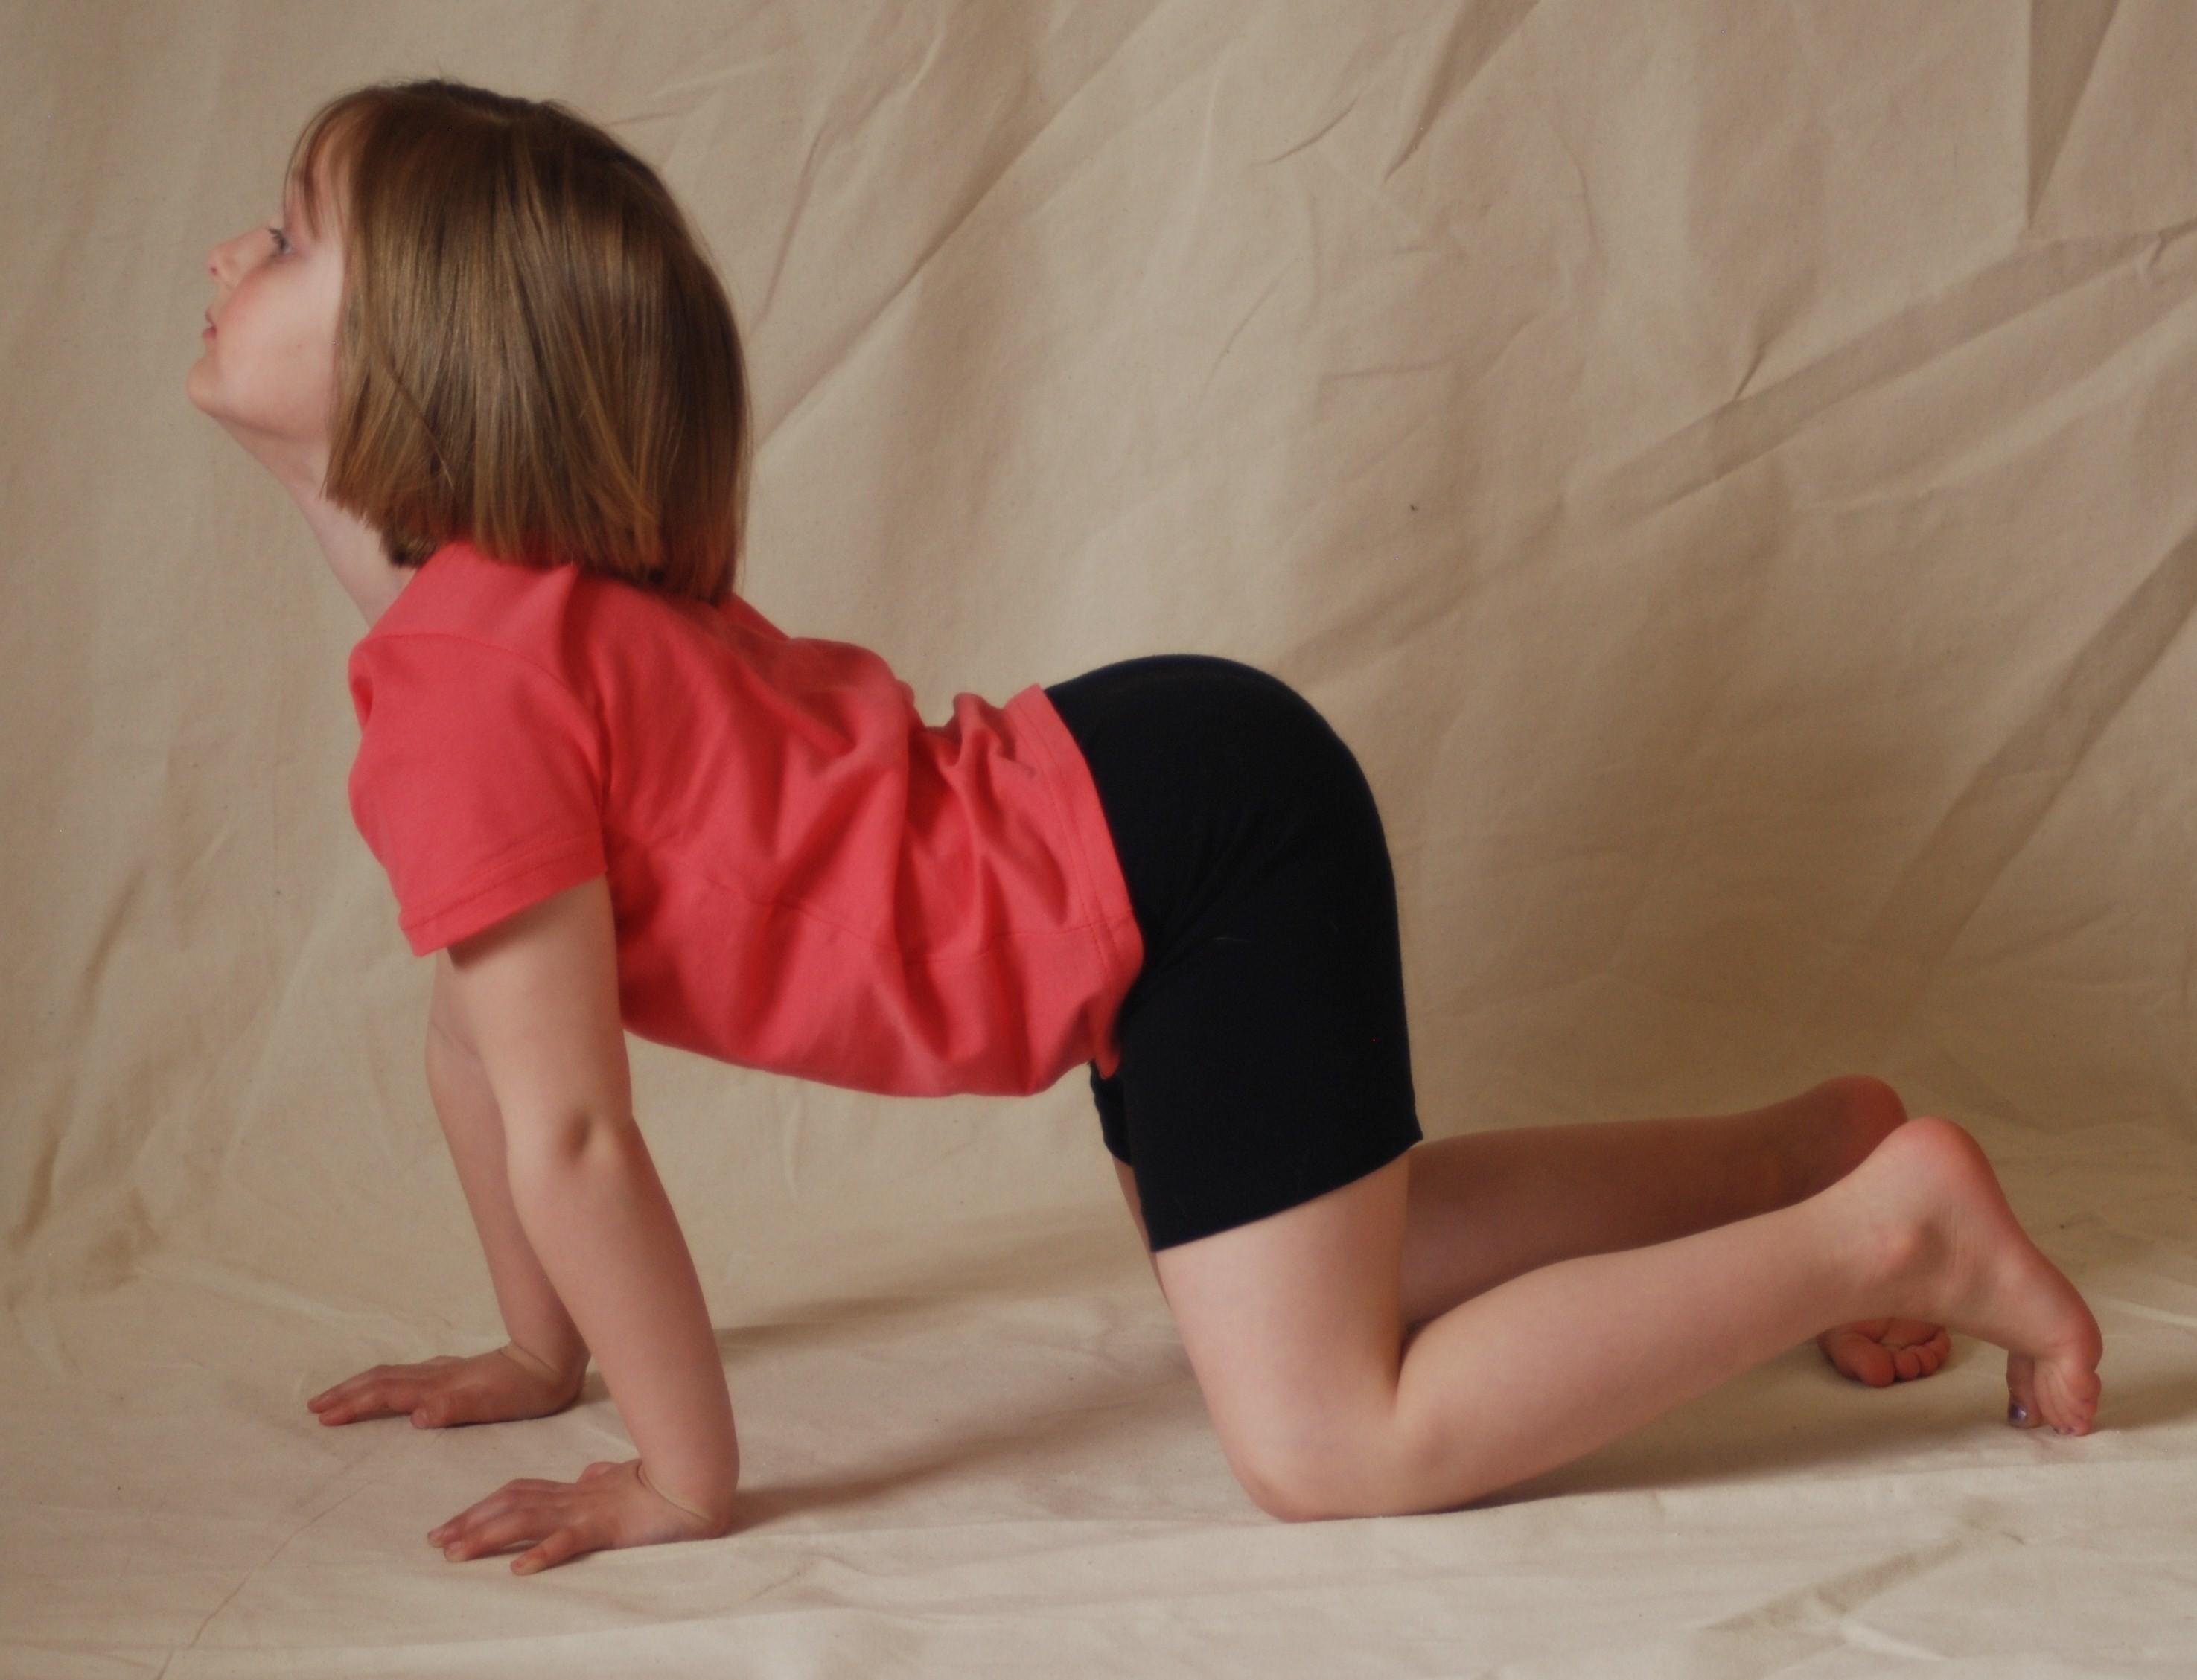 رياضة للأطفال في المنزل - تمرين اليوجا بوضعية Cat Cow